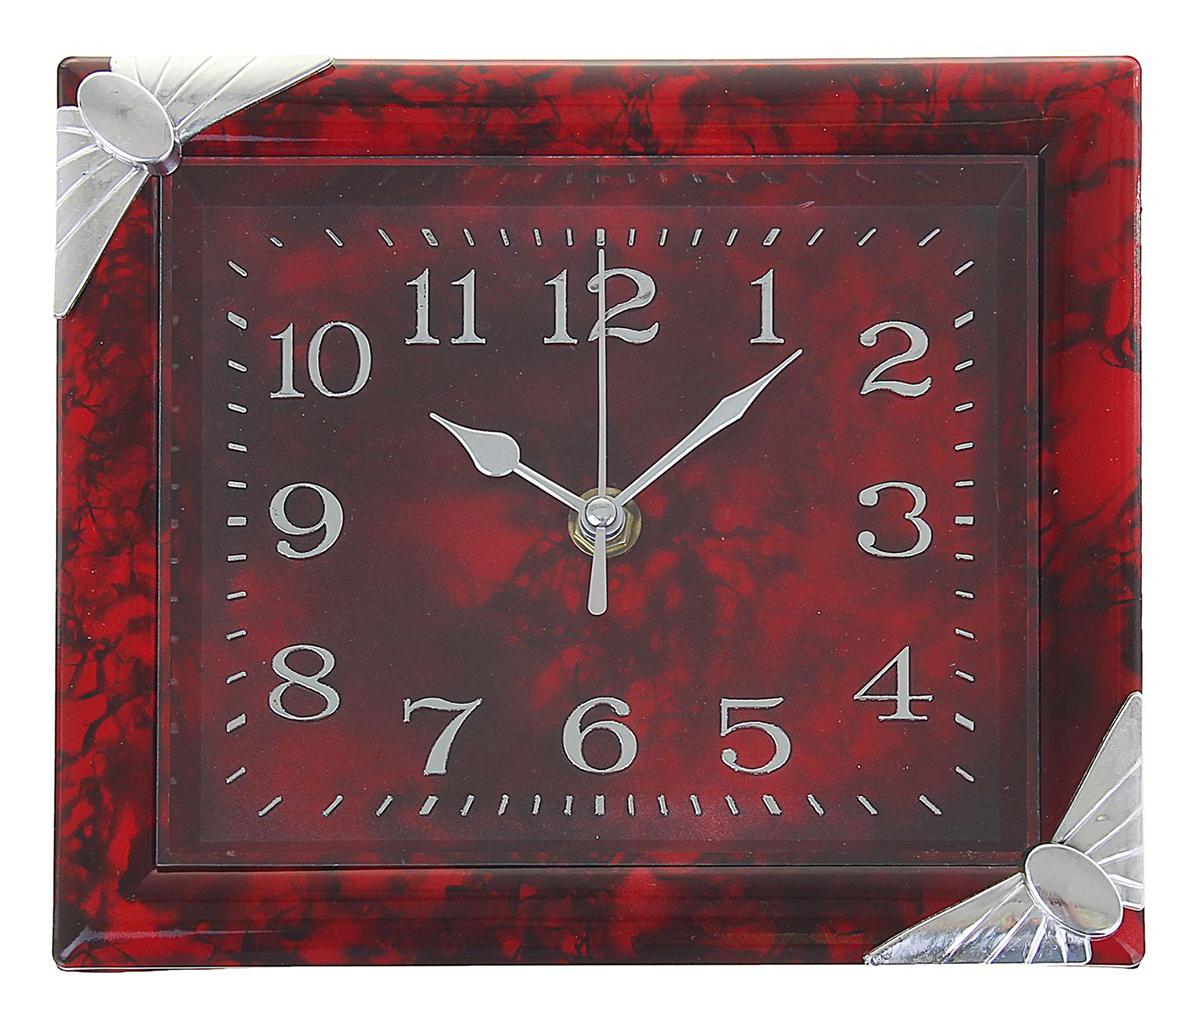 Часы настенные, цвет: хром, бордо, 18 х 22,5 см1195067Каждому хозяину периодически приходит мысль обновить свою квартиру, сделать ремонт, перестановку или кардинально поменять внешний вид каждой комнаты. Часы настенные прямоугольные Дженна, углы-бантики хром, рама и циферблат бордовые — привлекательная деталь, которая поможет воплотить вашу интерьерную идею, создать неповторимую атмосферу в вашем доме. Окружите себя приятными мелочами, пусть они радуют глаз и дарят гармонию.Часы настенные прямоугольник углы хром, рама бордо, циферблат бордо 18х22,5см 1195067